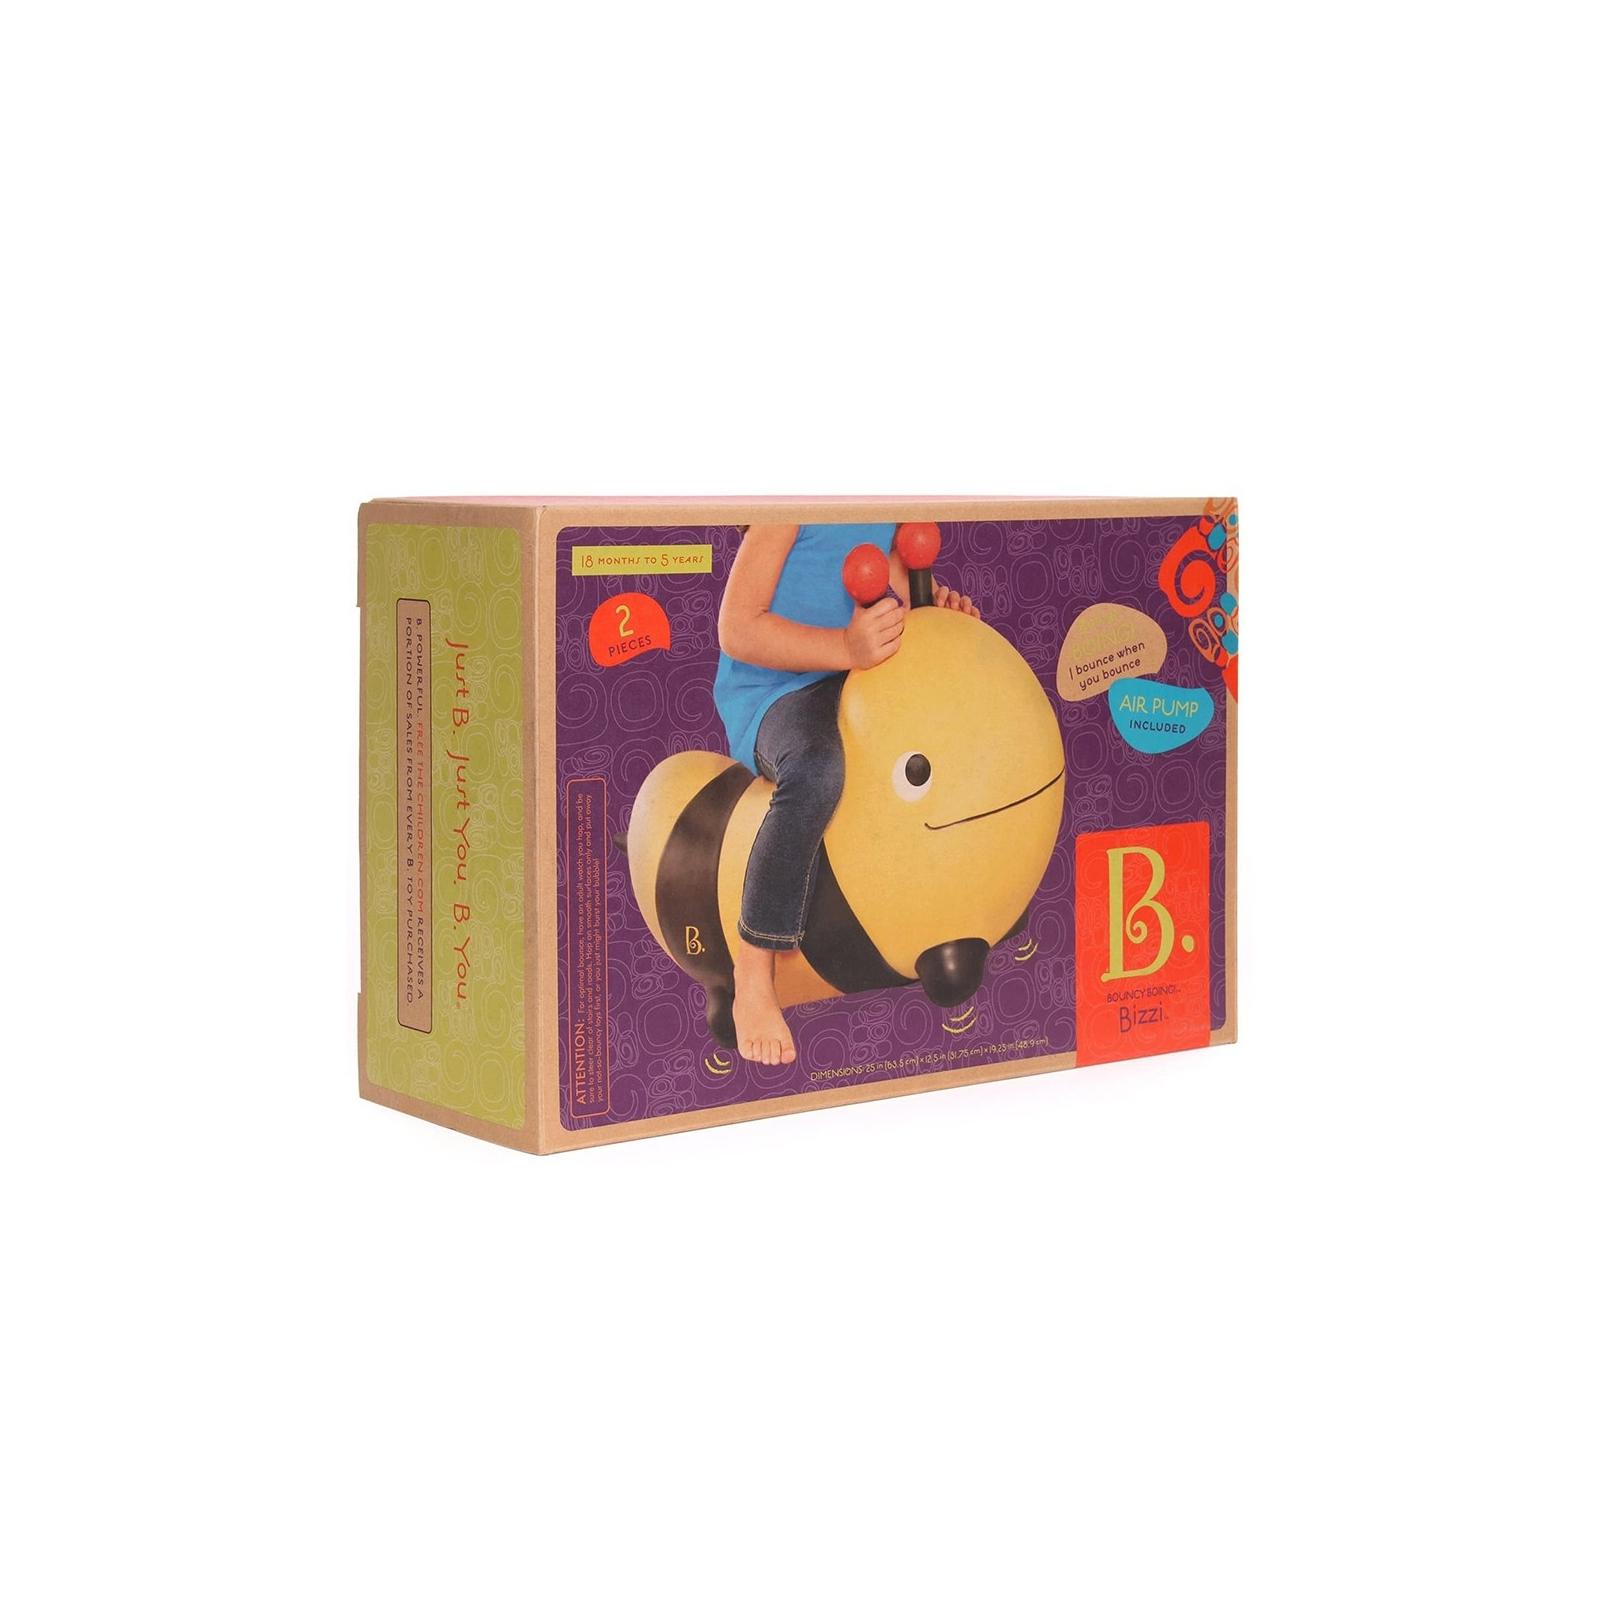 Качалка Battat Баттатопрыгун Пчела-ла-ла с насосом Черный с желтым (BX1455Z) изображение 4